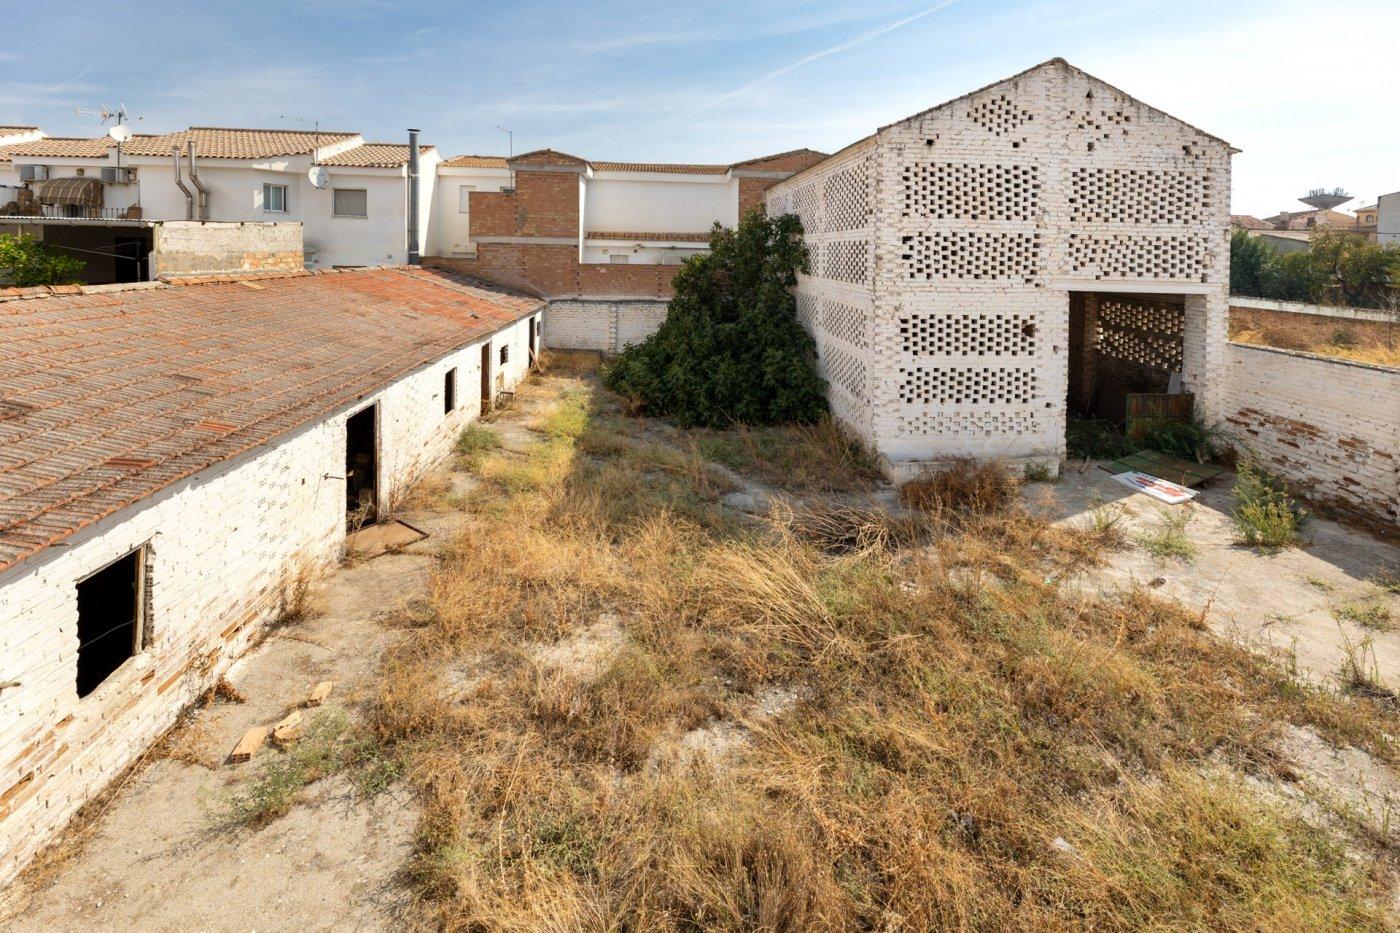 Casa con terreno en el centro de churriana de la vega